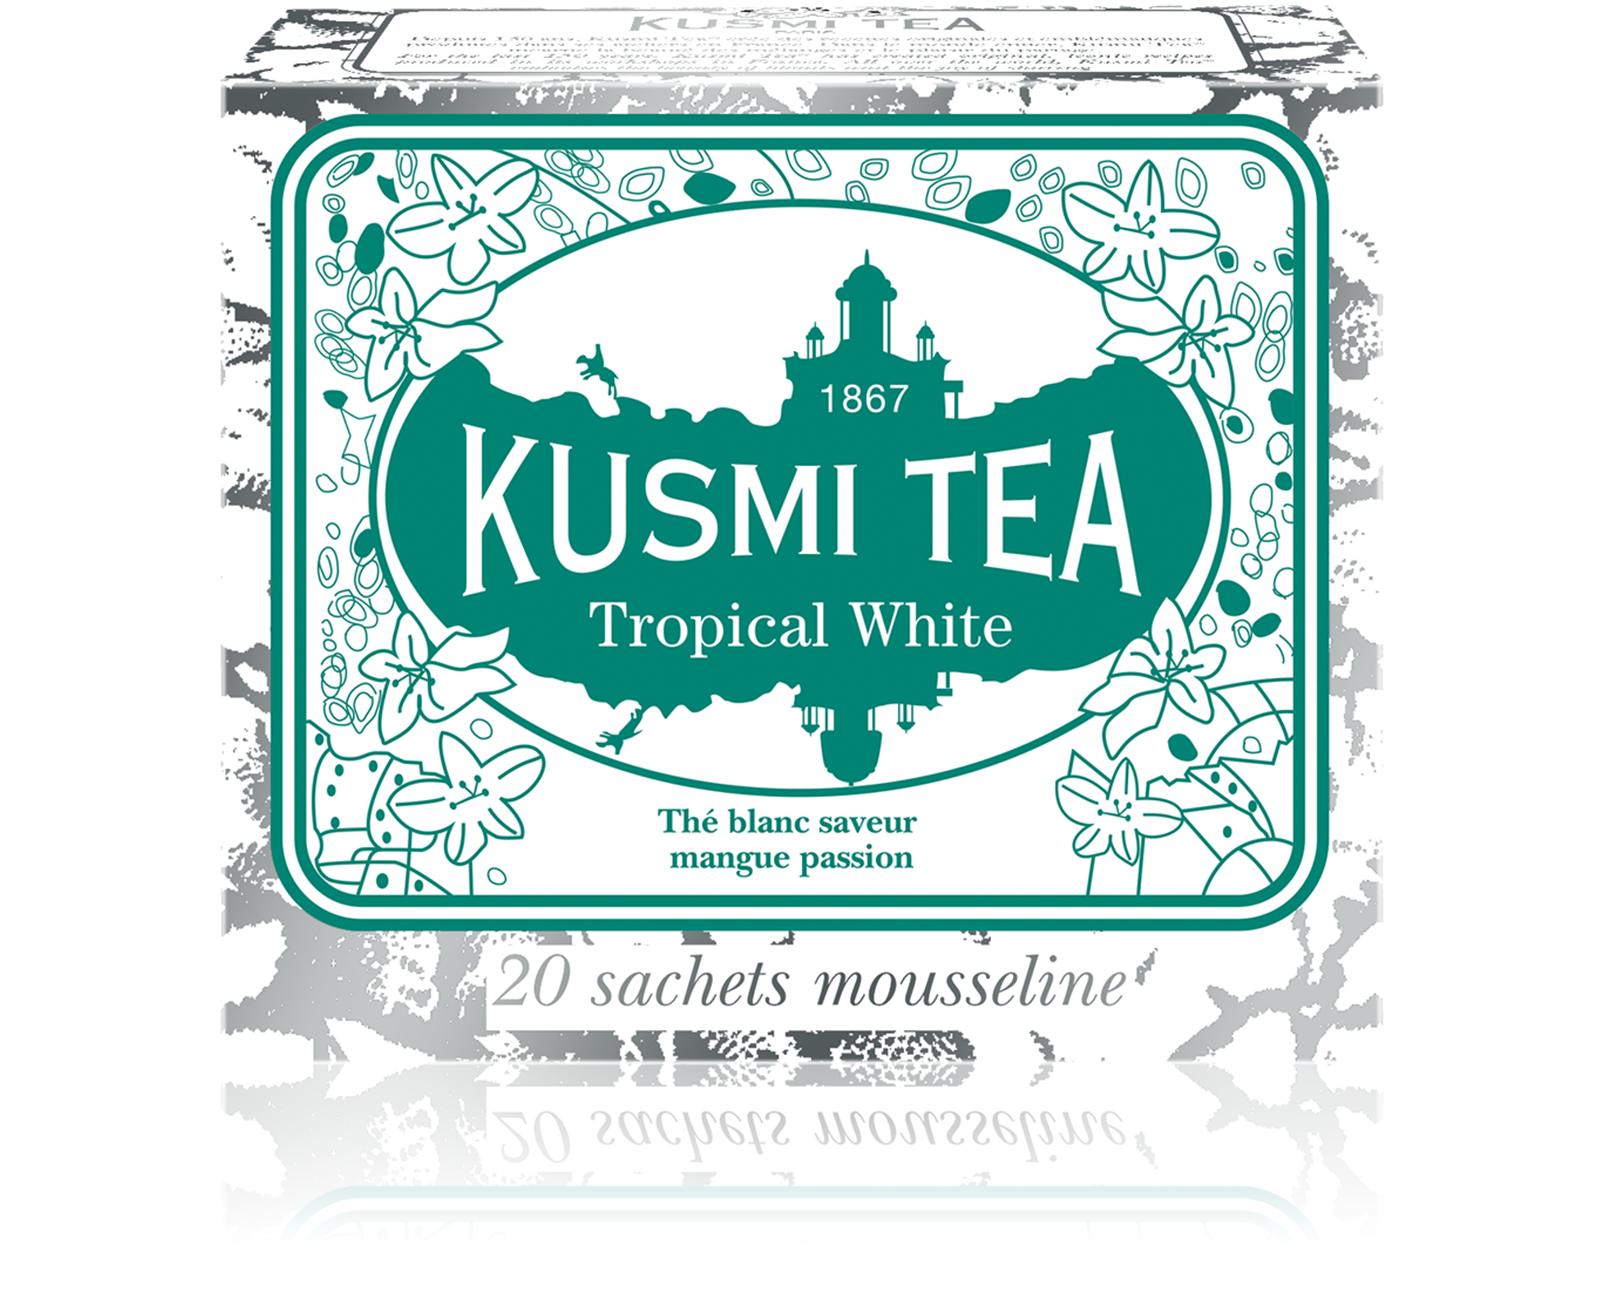 KUSMI TEA Tropical White  Thé Blanc Kusmi Tea